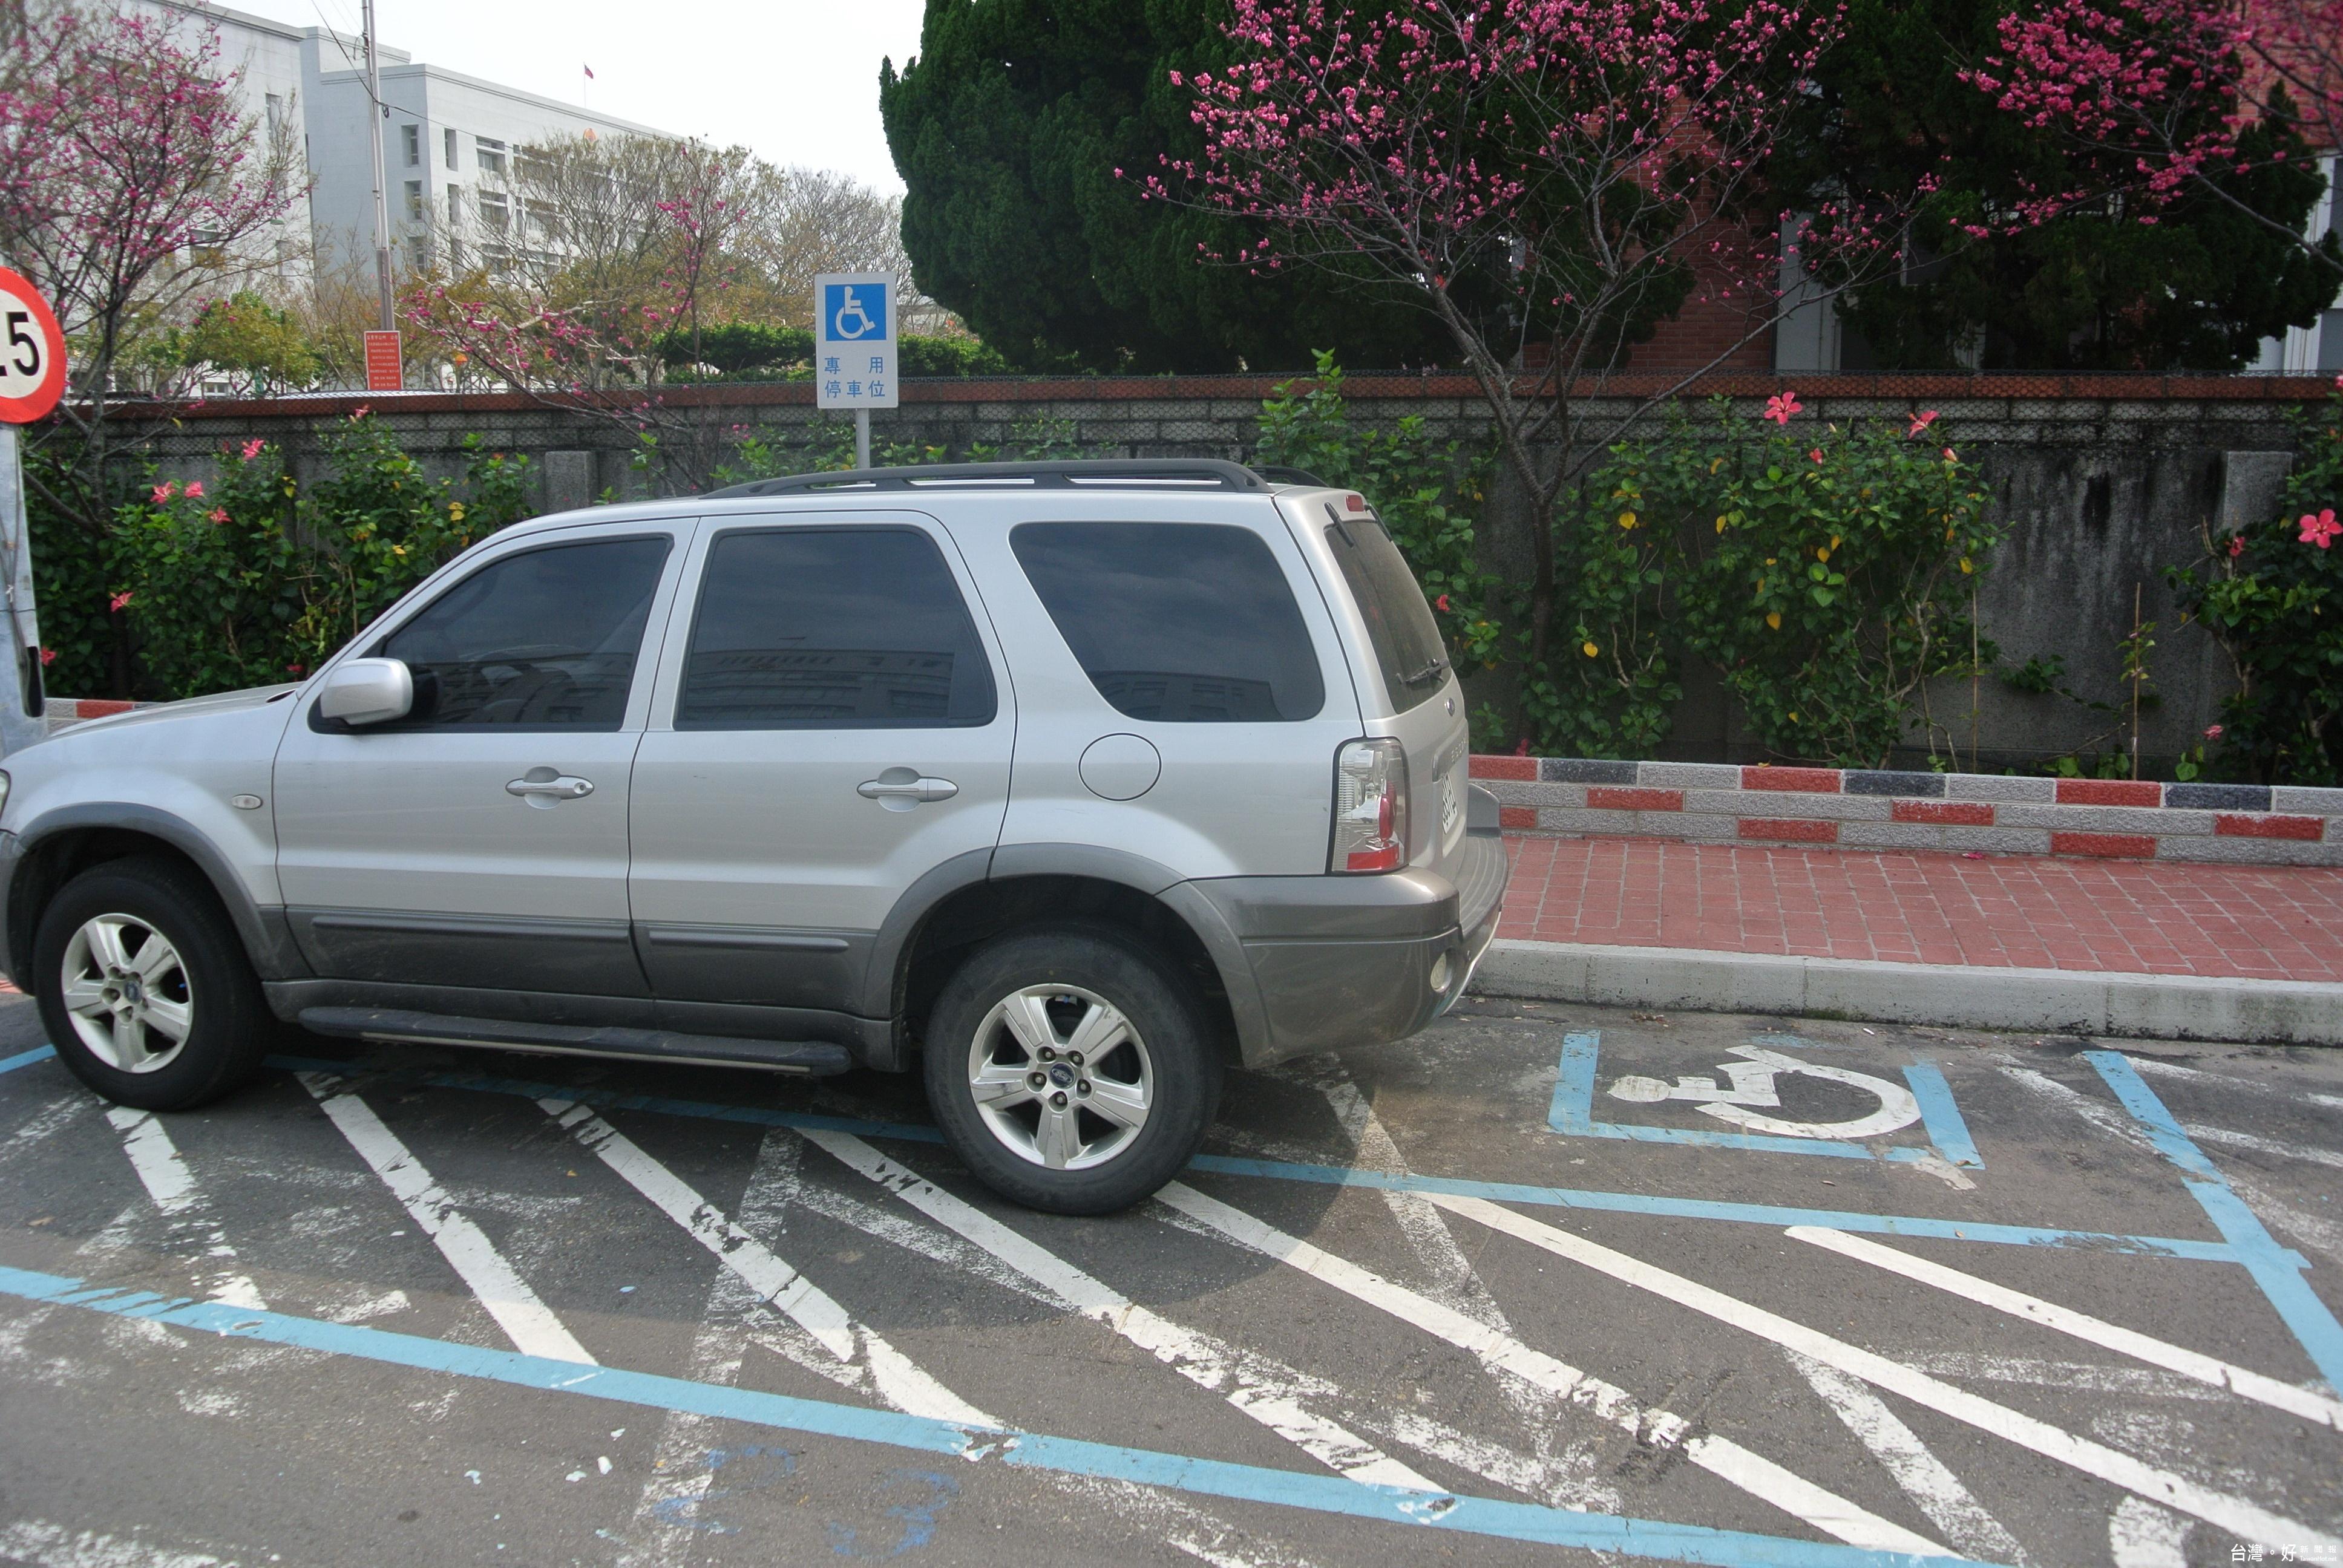 身障停車格遭佔用 苗栗取締113件違規